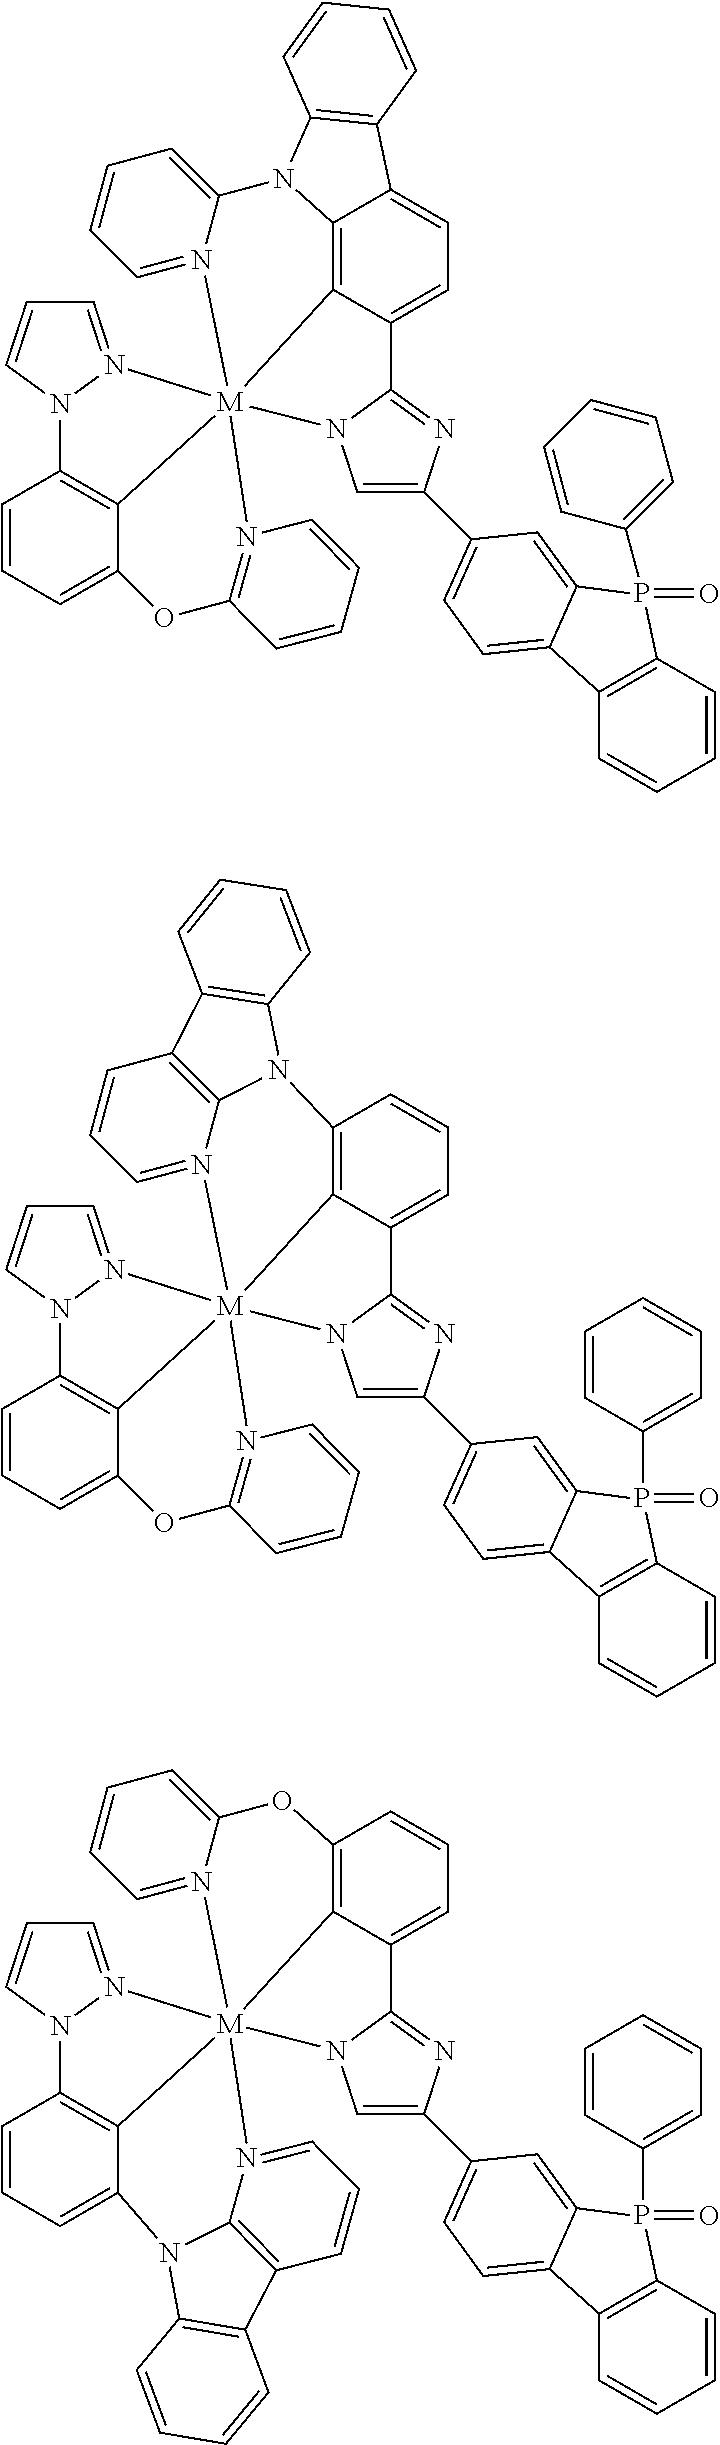 Figure US09818959-20171114-C00345